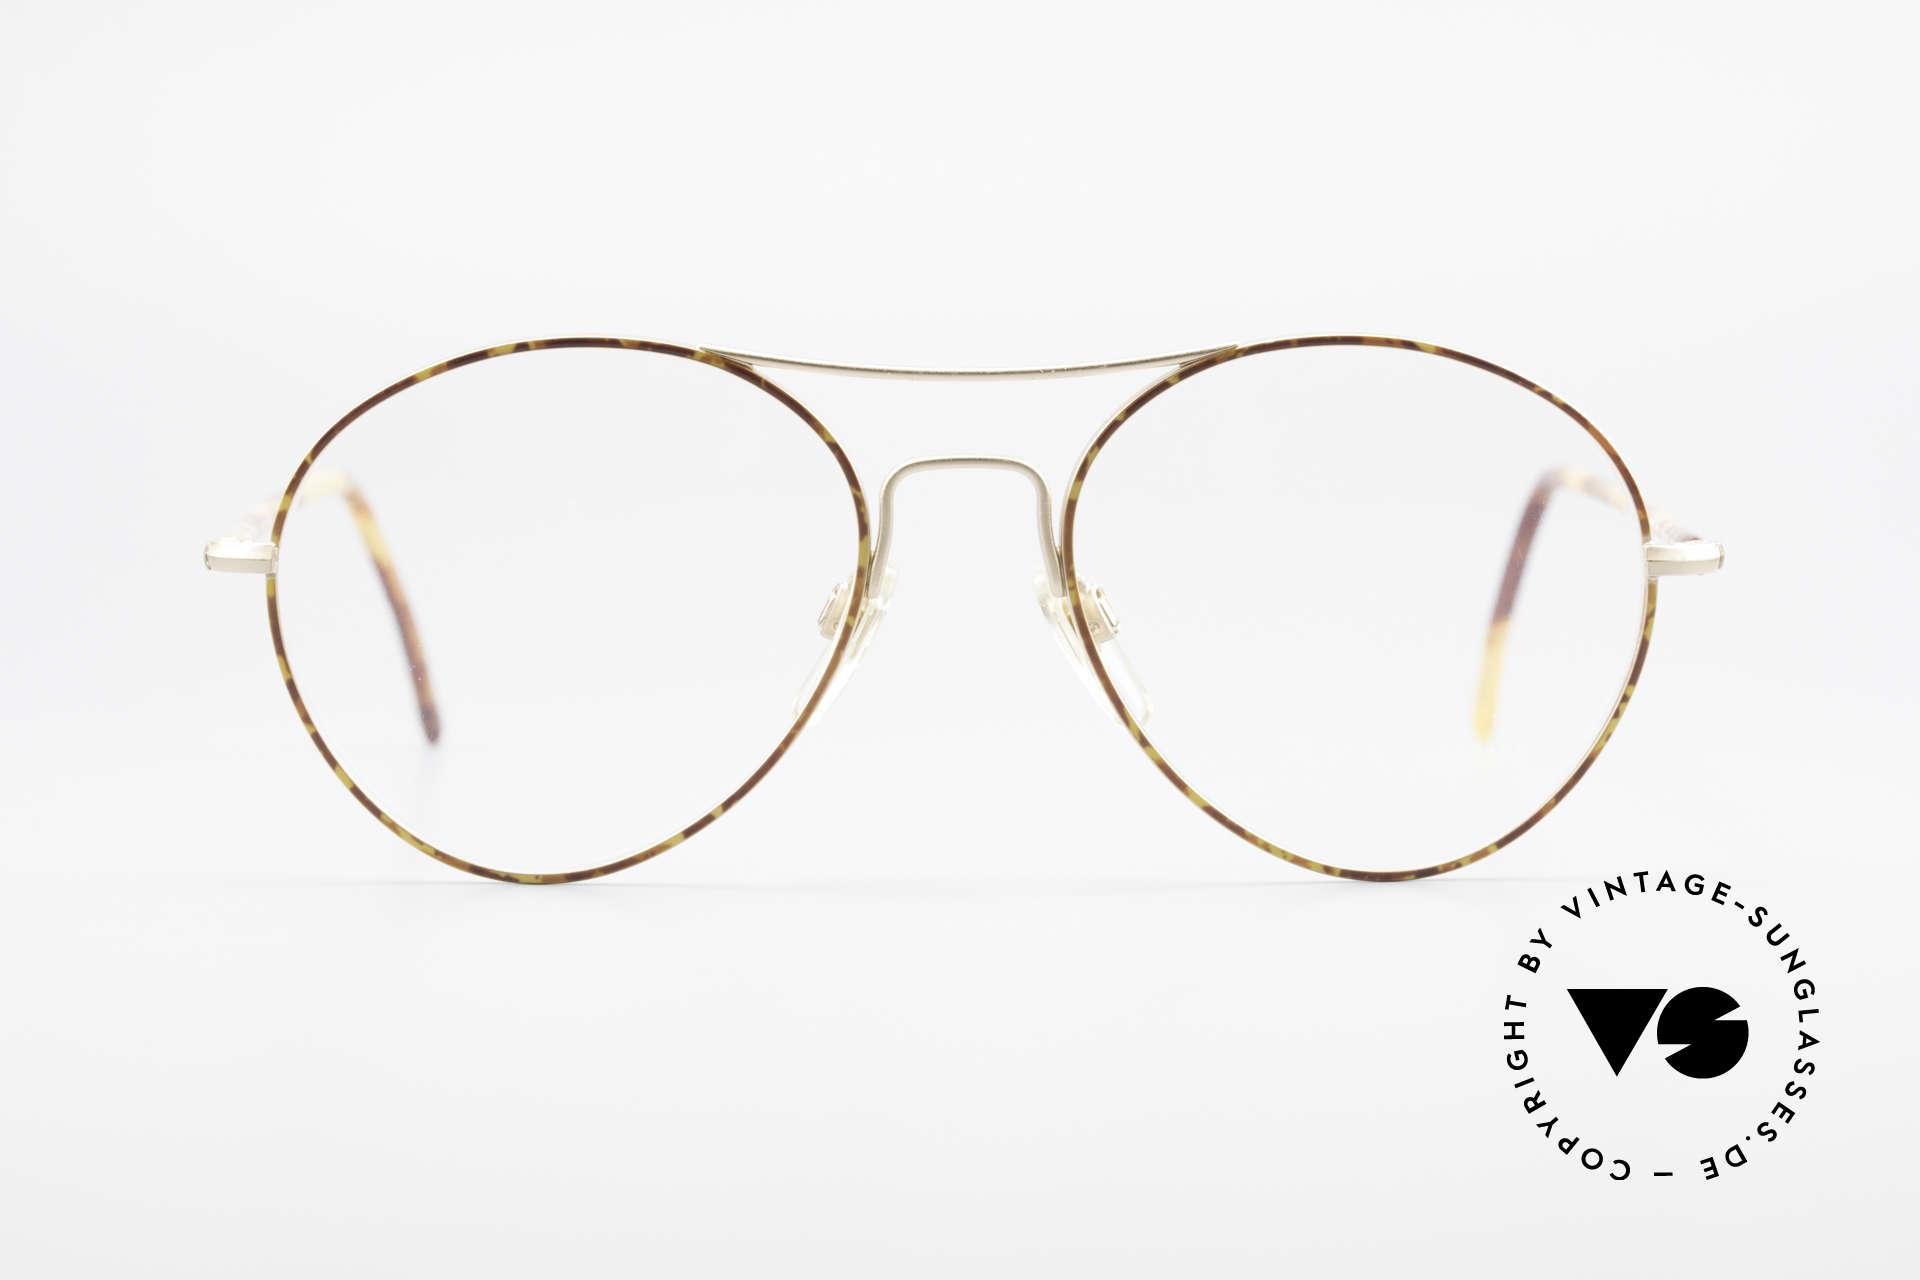 Giorgio Armani 120 Vintage Aviator Glasses Men, dull gold / chestnut framework with DEMO lenses, Made for Men